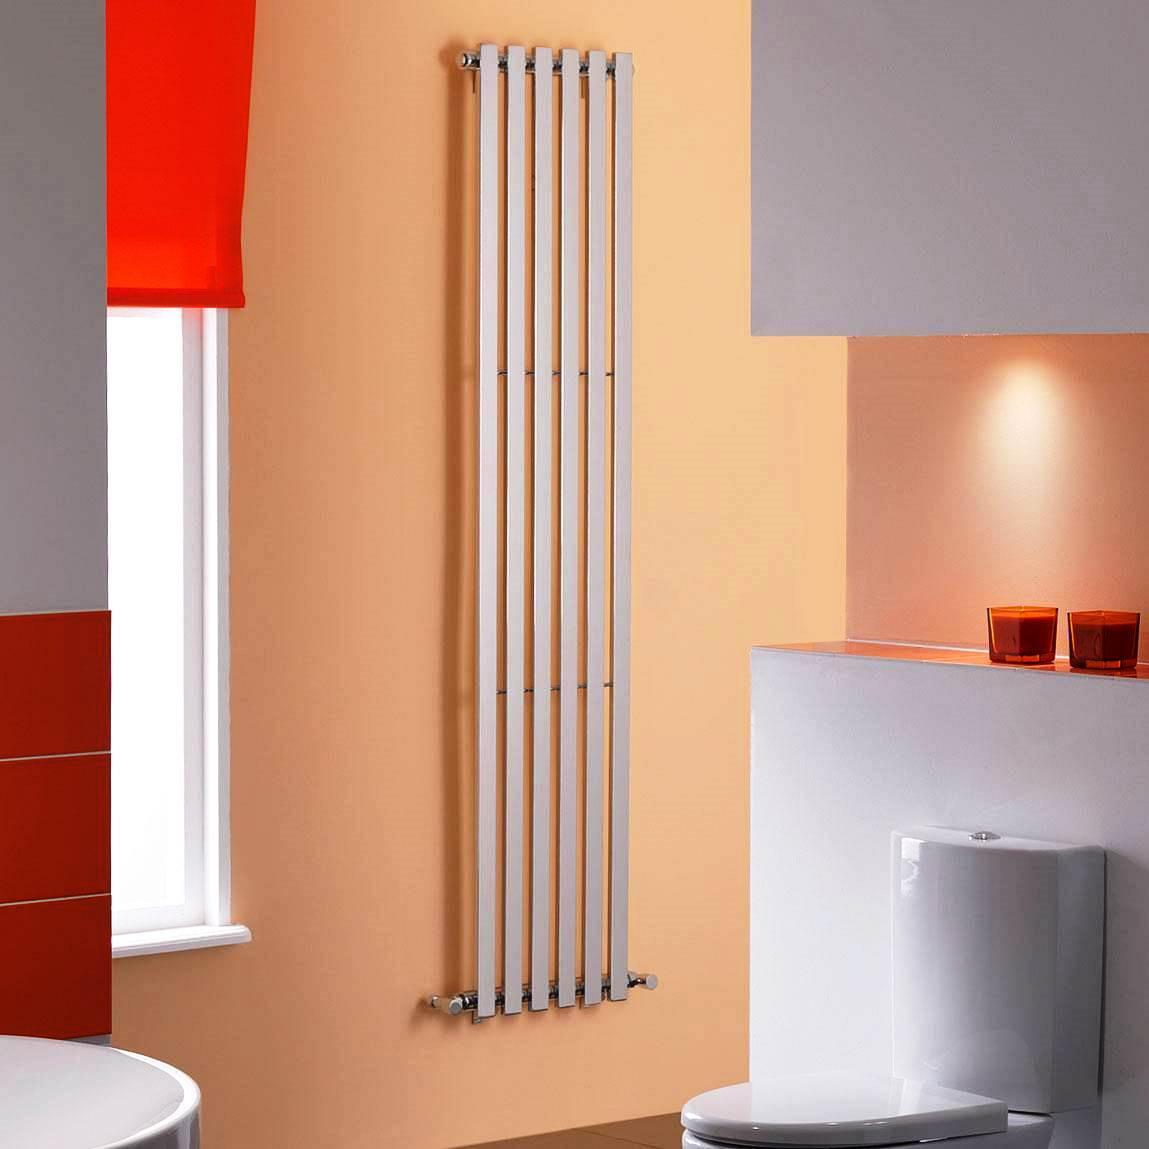 O objetivo dos sistemas de aquecimento é alcançar o nível de conforto perfeito em sua casa